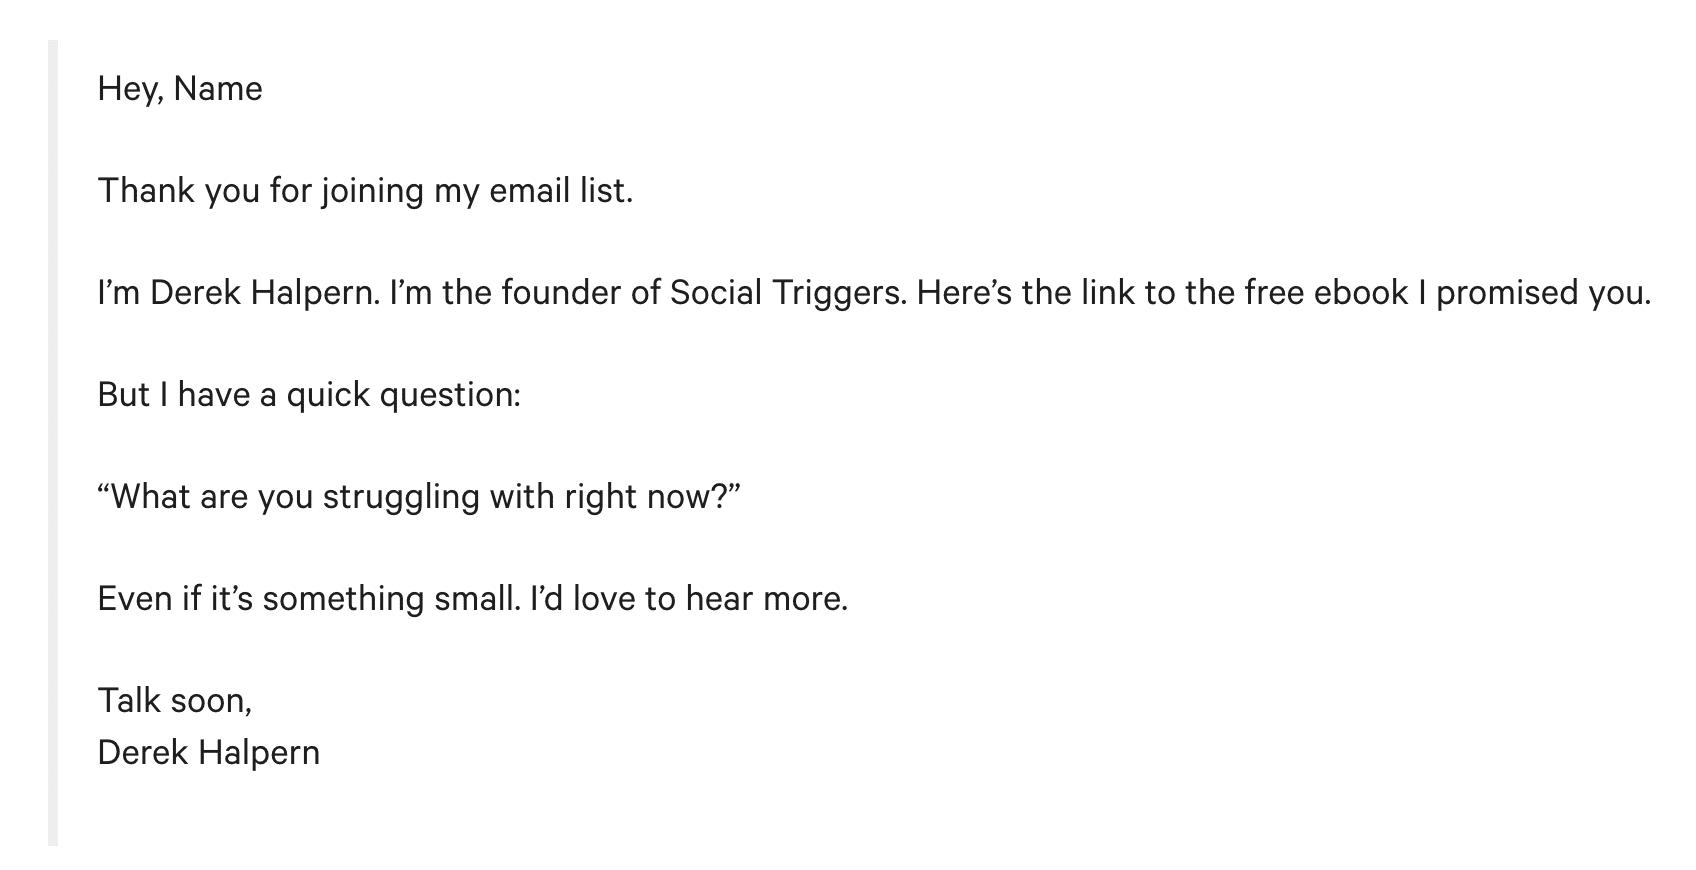 Exemple d'e-mail de bienvenue Mailchimp